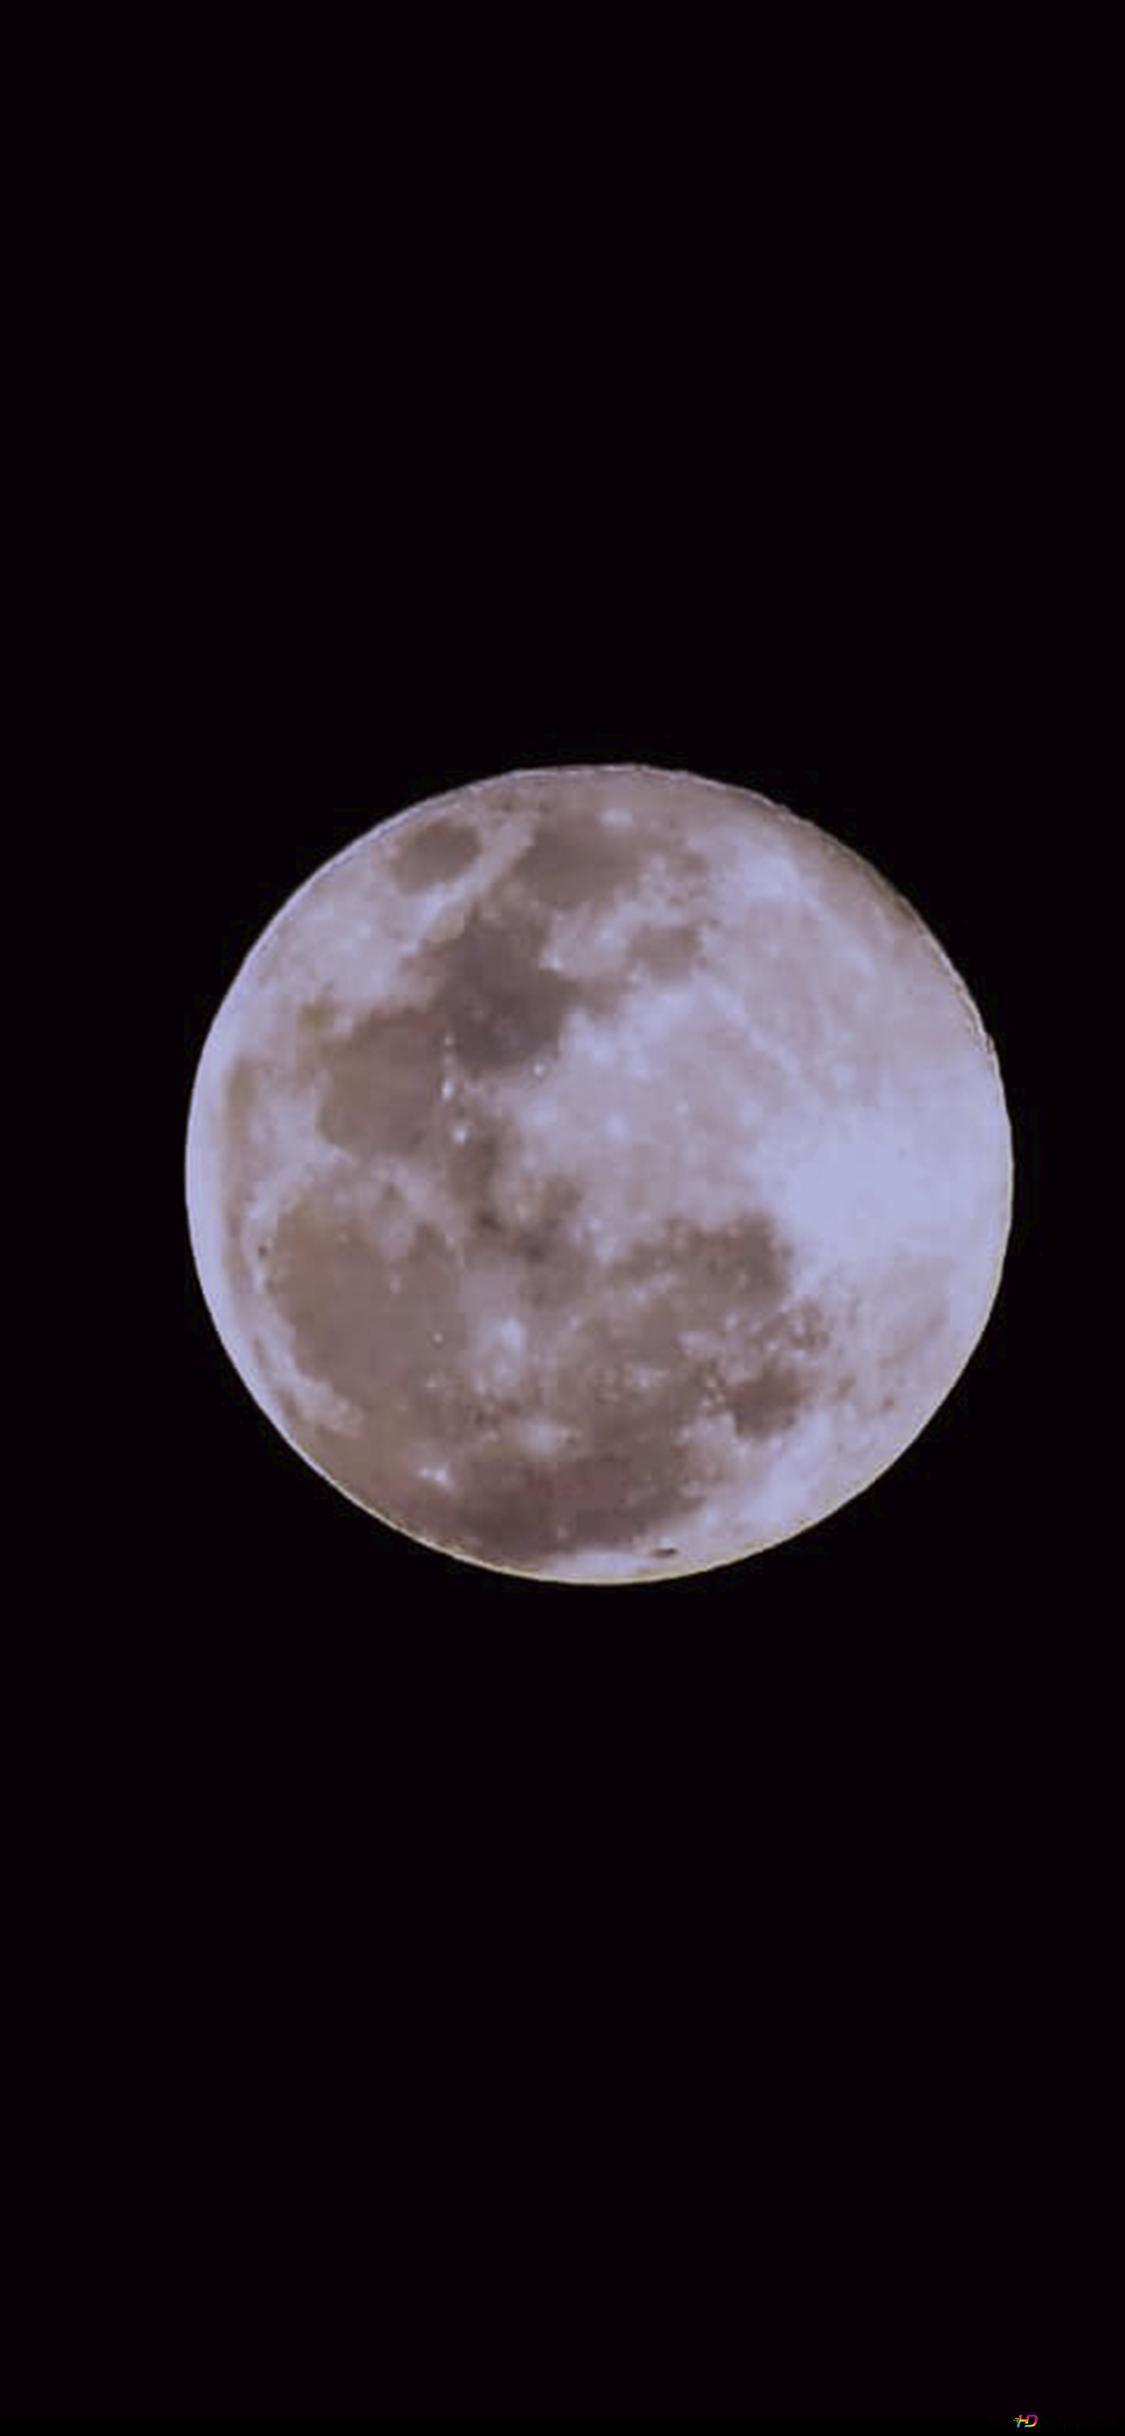 Mega moon HD wallpaper download